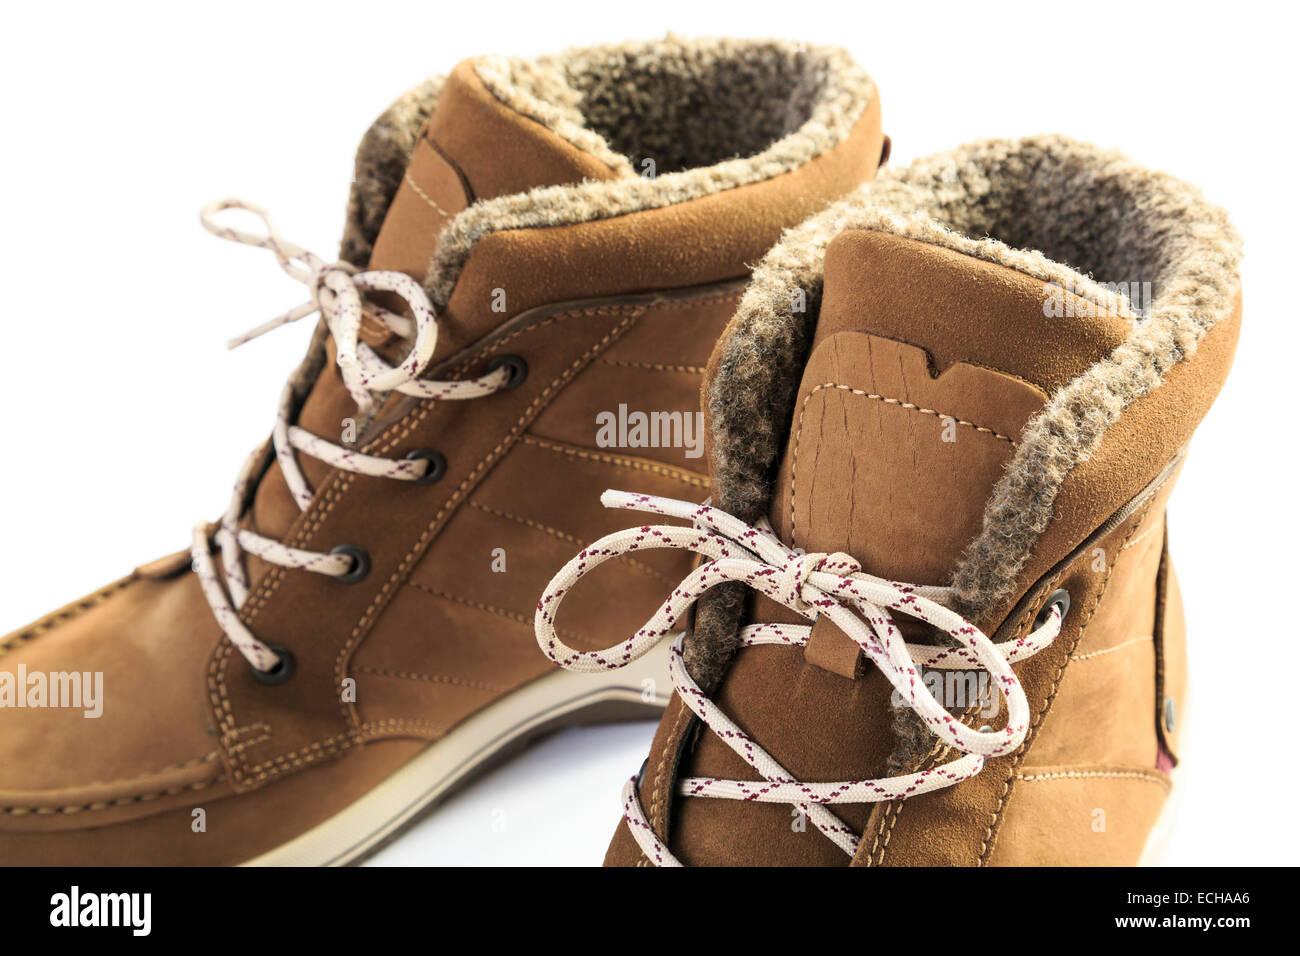 Cerca de un par de mujeres calientes de cuero forrada de piel con cordones, botas de invierno aislado en un fondo Imagen De Stock